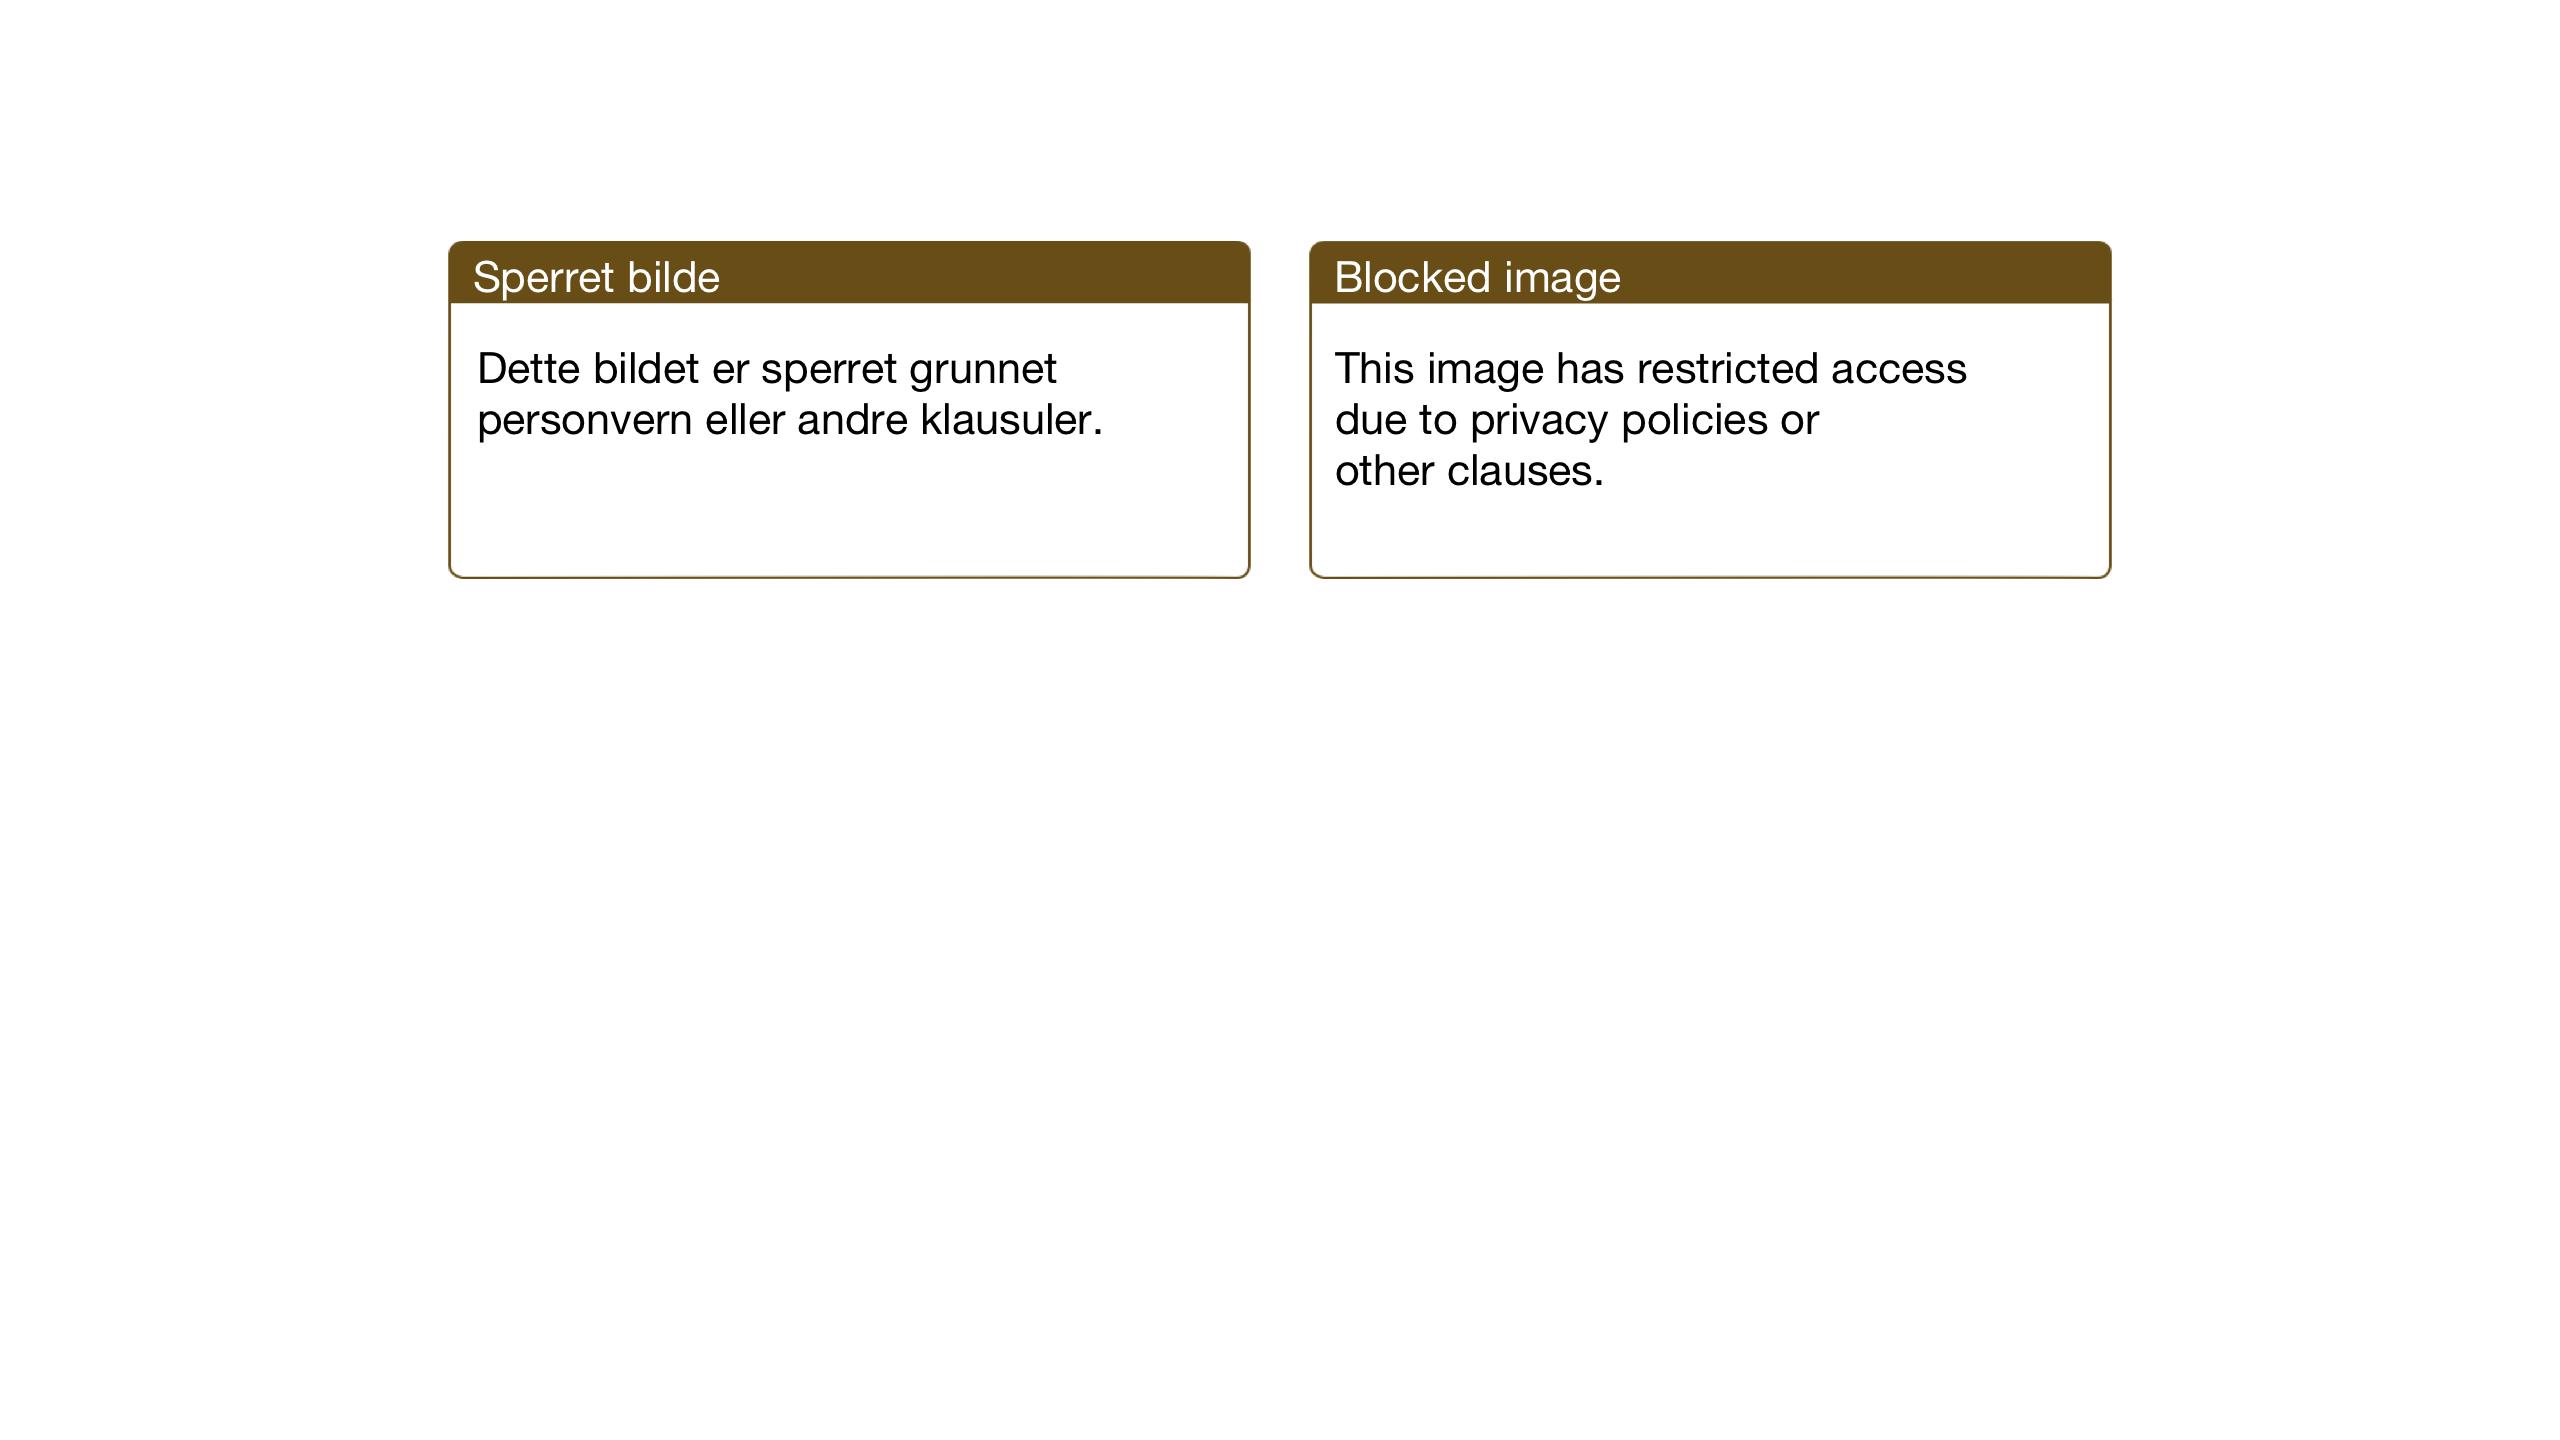 SAT, Ministerialprotokoller, klokkerbøker og fødselsregistre - Sør-Trøndelag, 667/L0799: Klokkerbok nr. 667C04, 1929-1950, s. 66